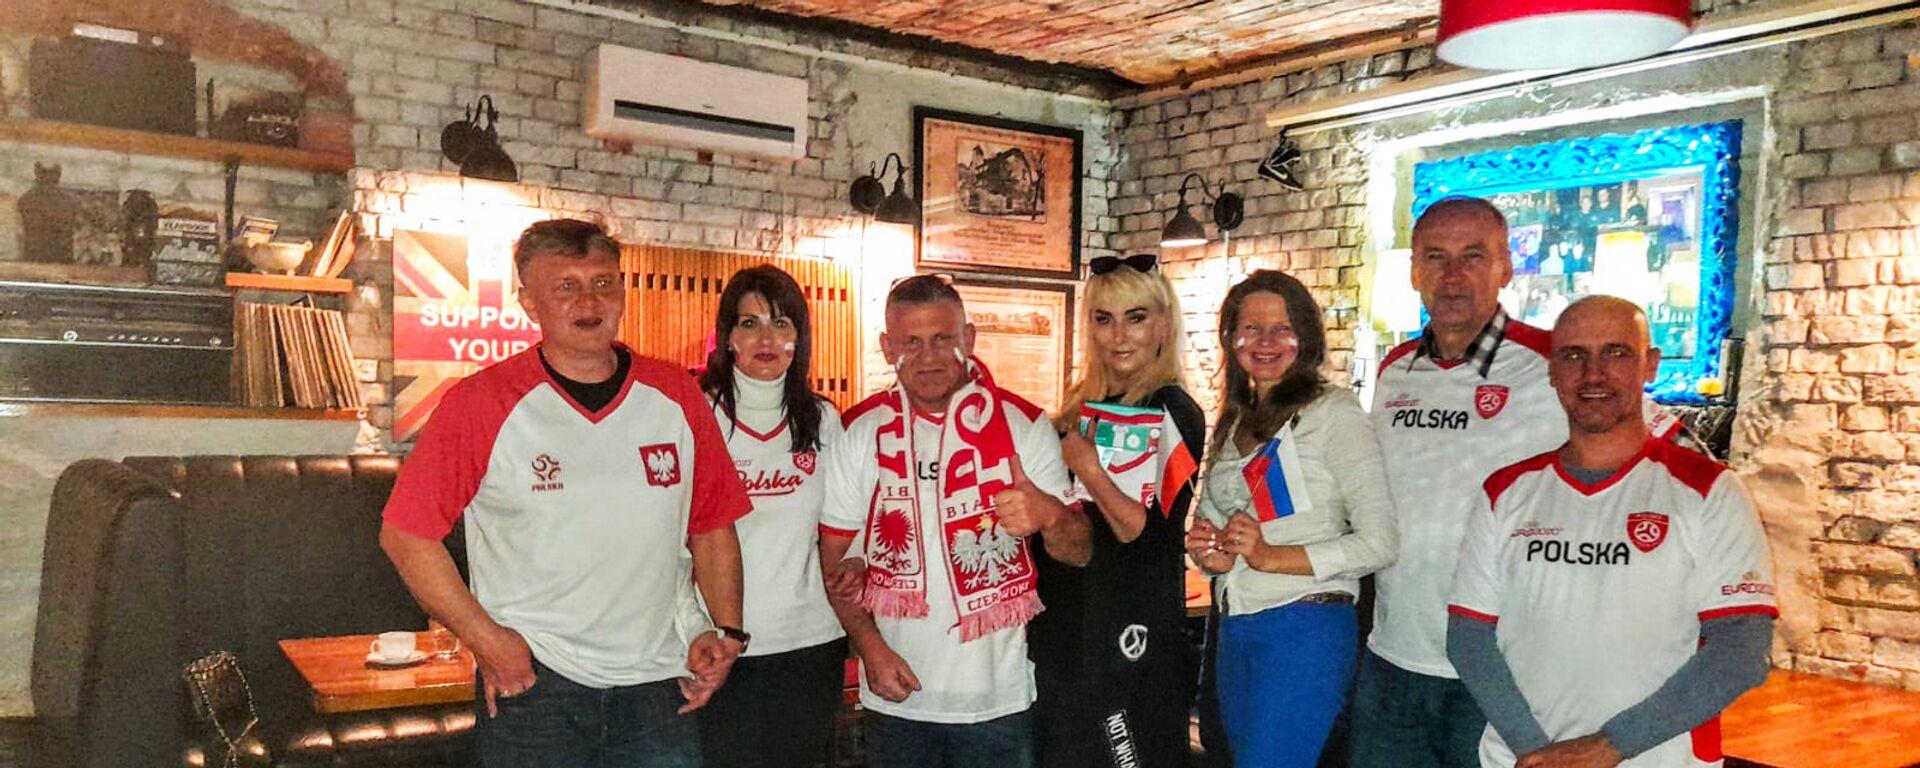 Artur Janiak zebrał wokół siebie sporą grupę ludzi, którzy też lubią futbol - Sputnik Polska, 1920, 14.06.2021